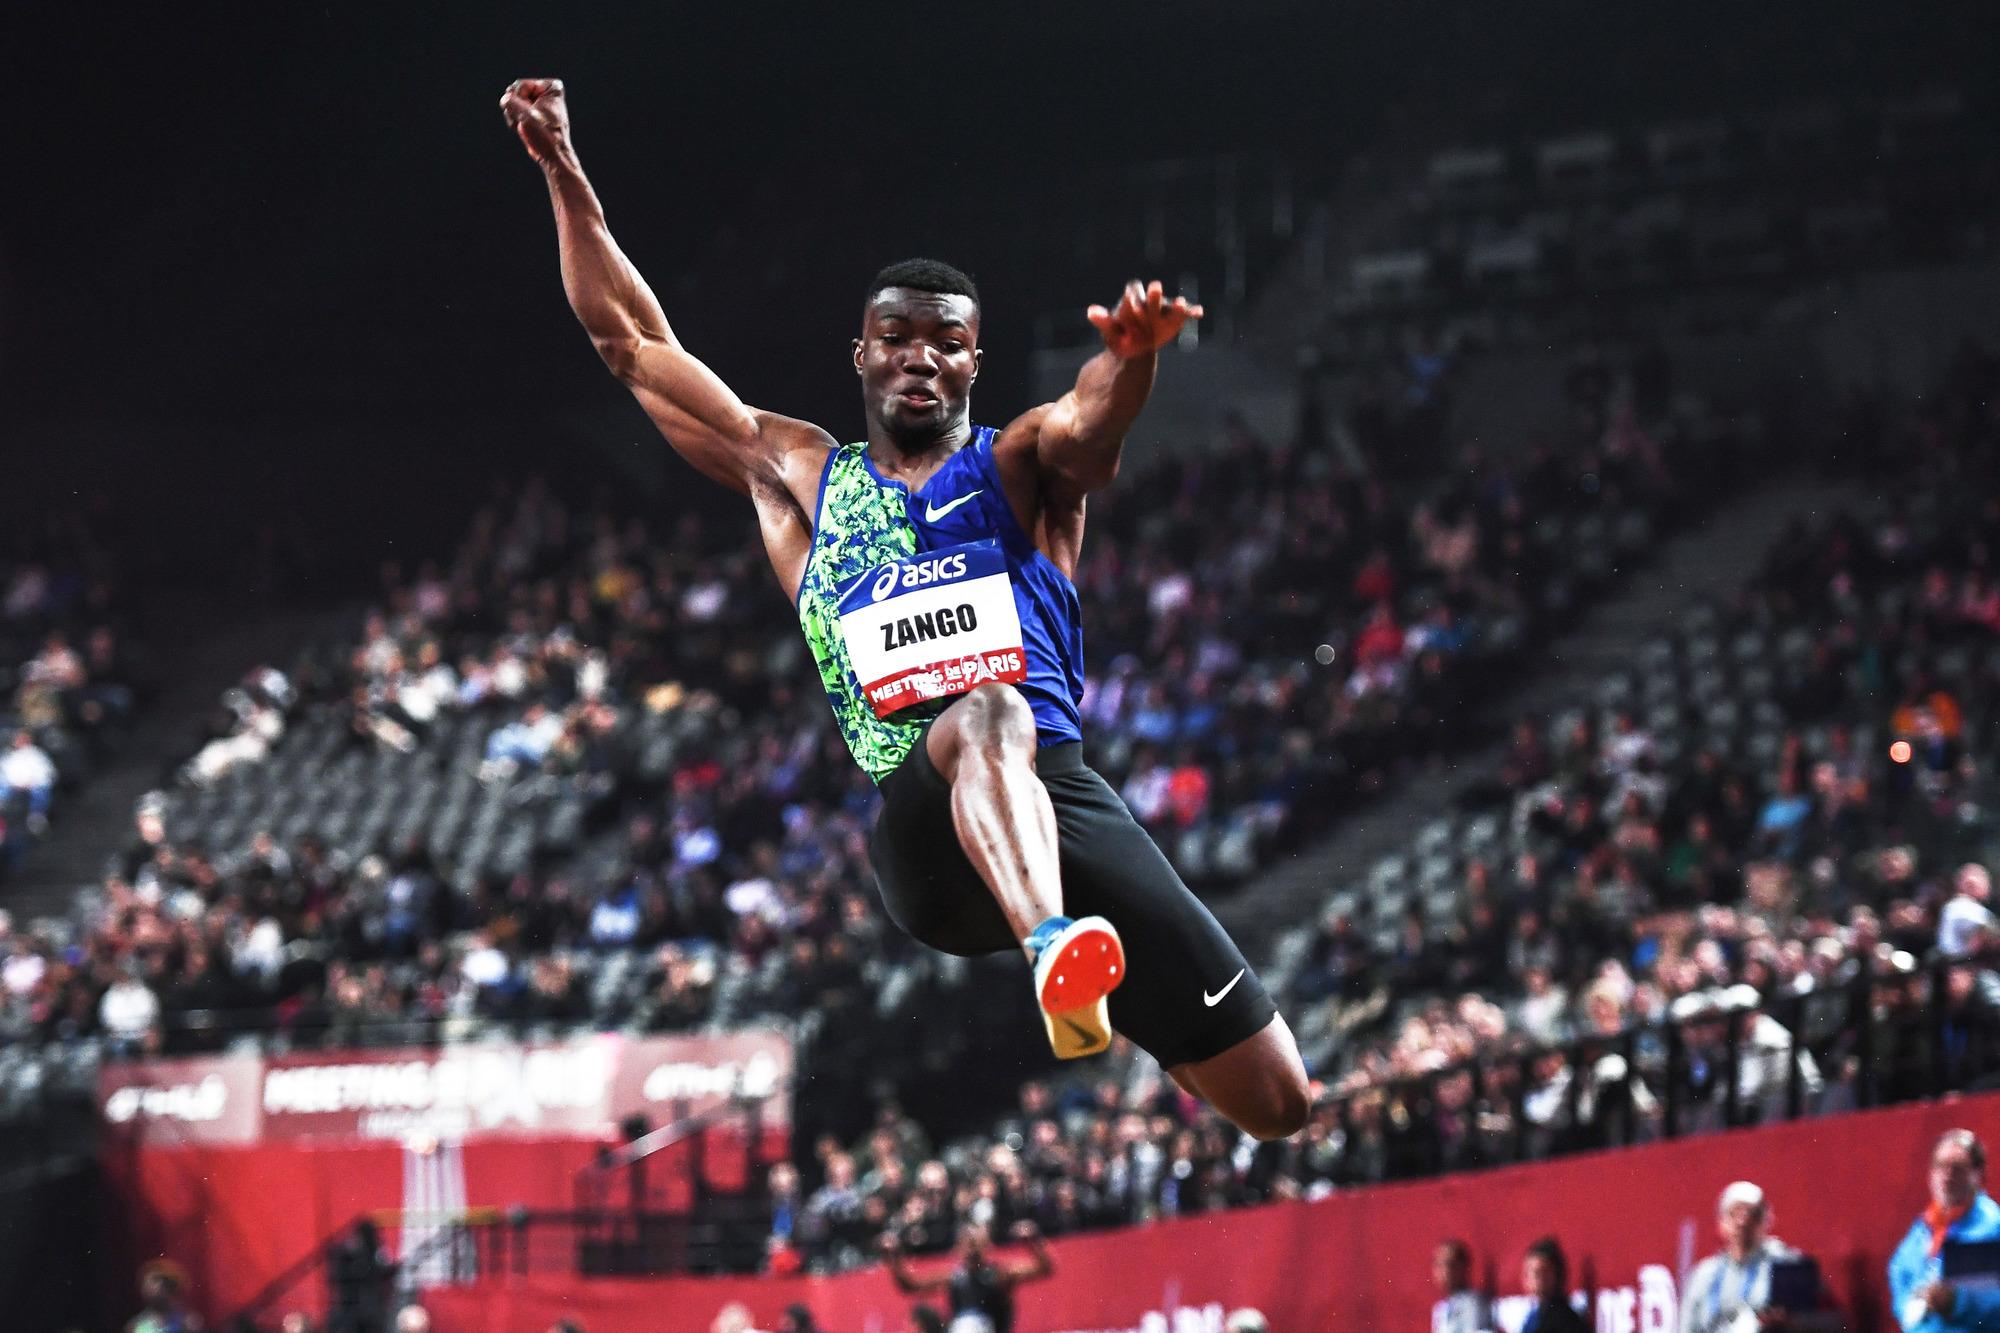 L'athlète burkinabè de triple saut Hugues Fabrice Zango lors du Paris Meeting Indoor, le 2 février 2020.